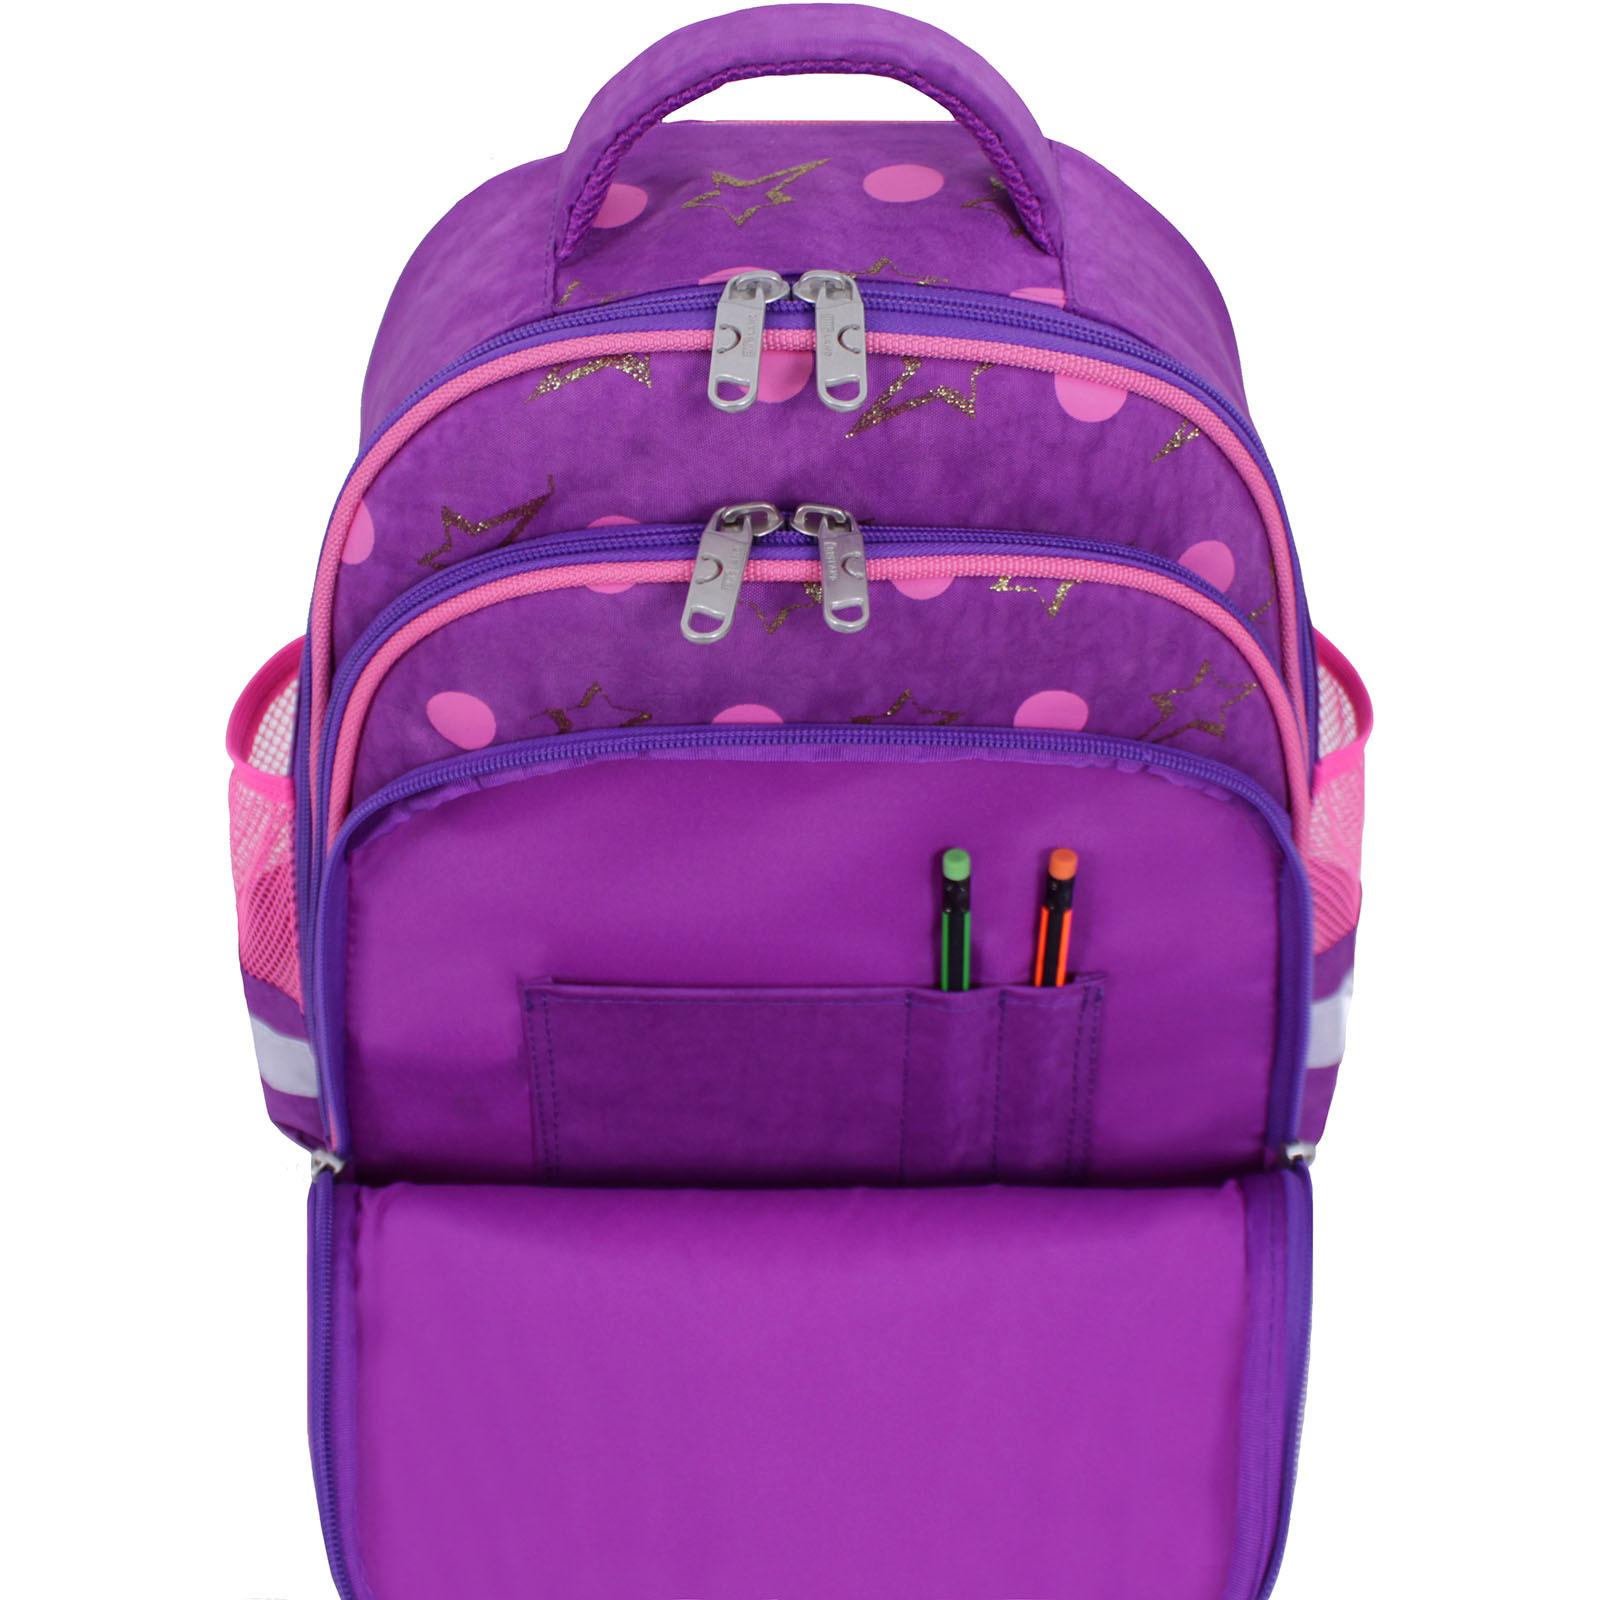 Рюкзак школьный Bagland Mouse 339 фиолетовый 428 (0051370) фото 5